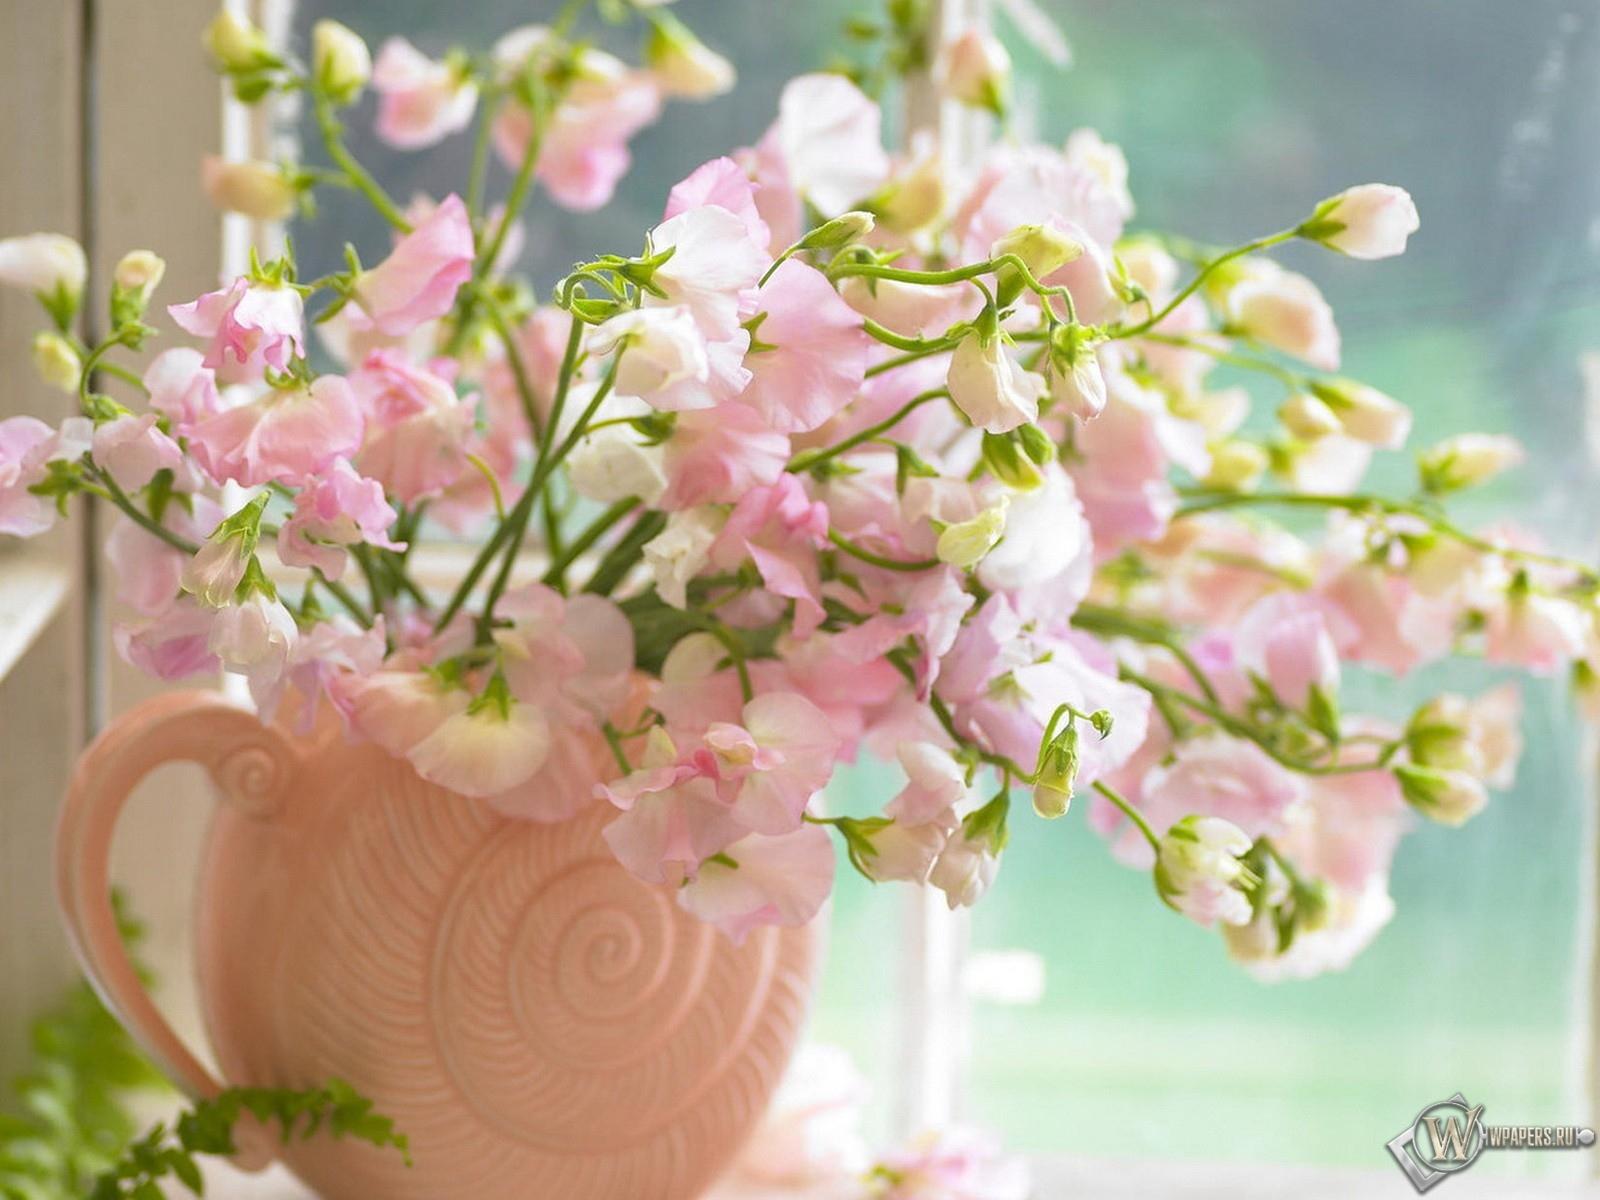 Цветы на окне окно обоев 22 цветы обоев